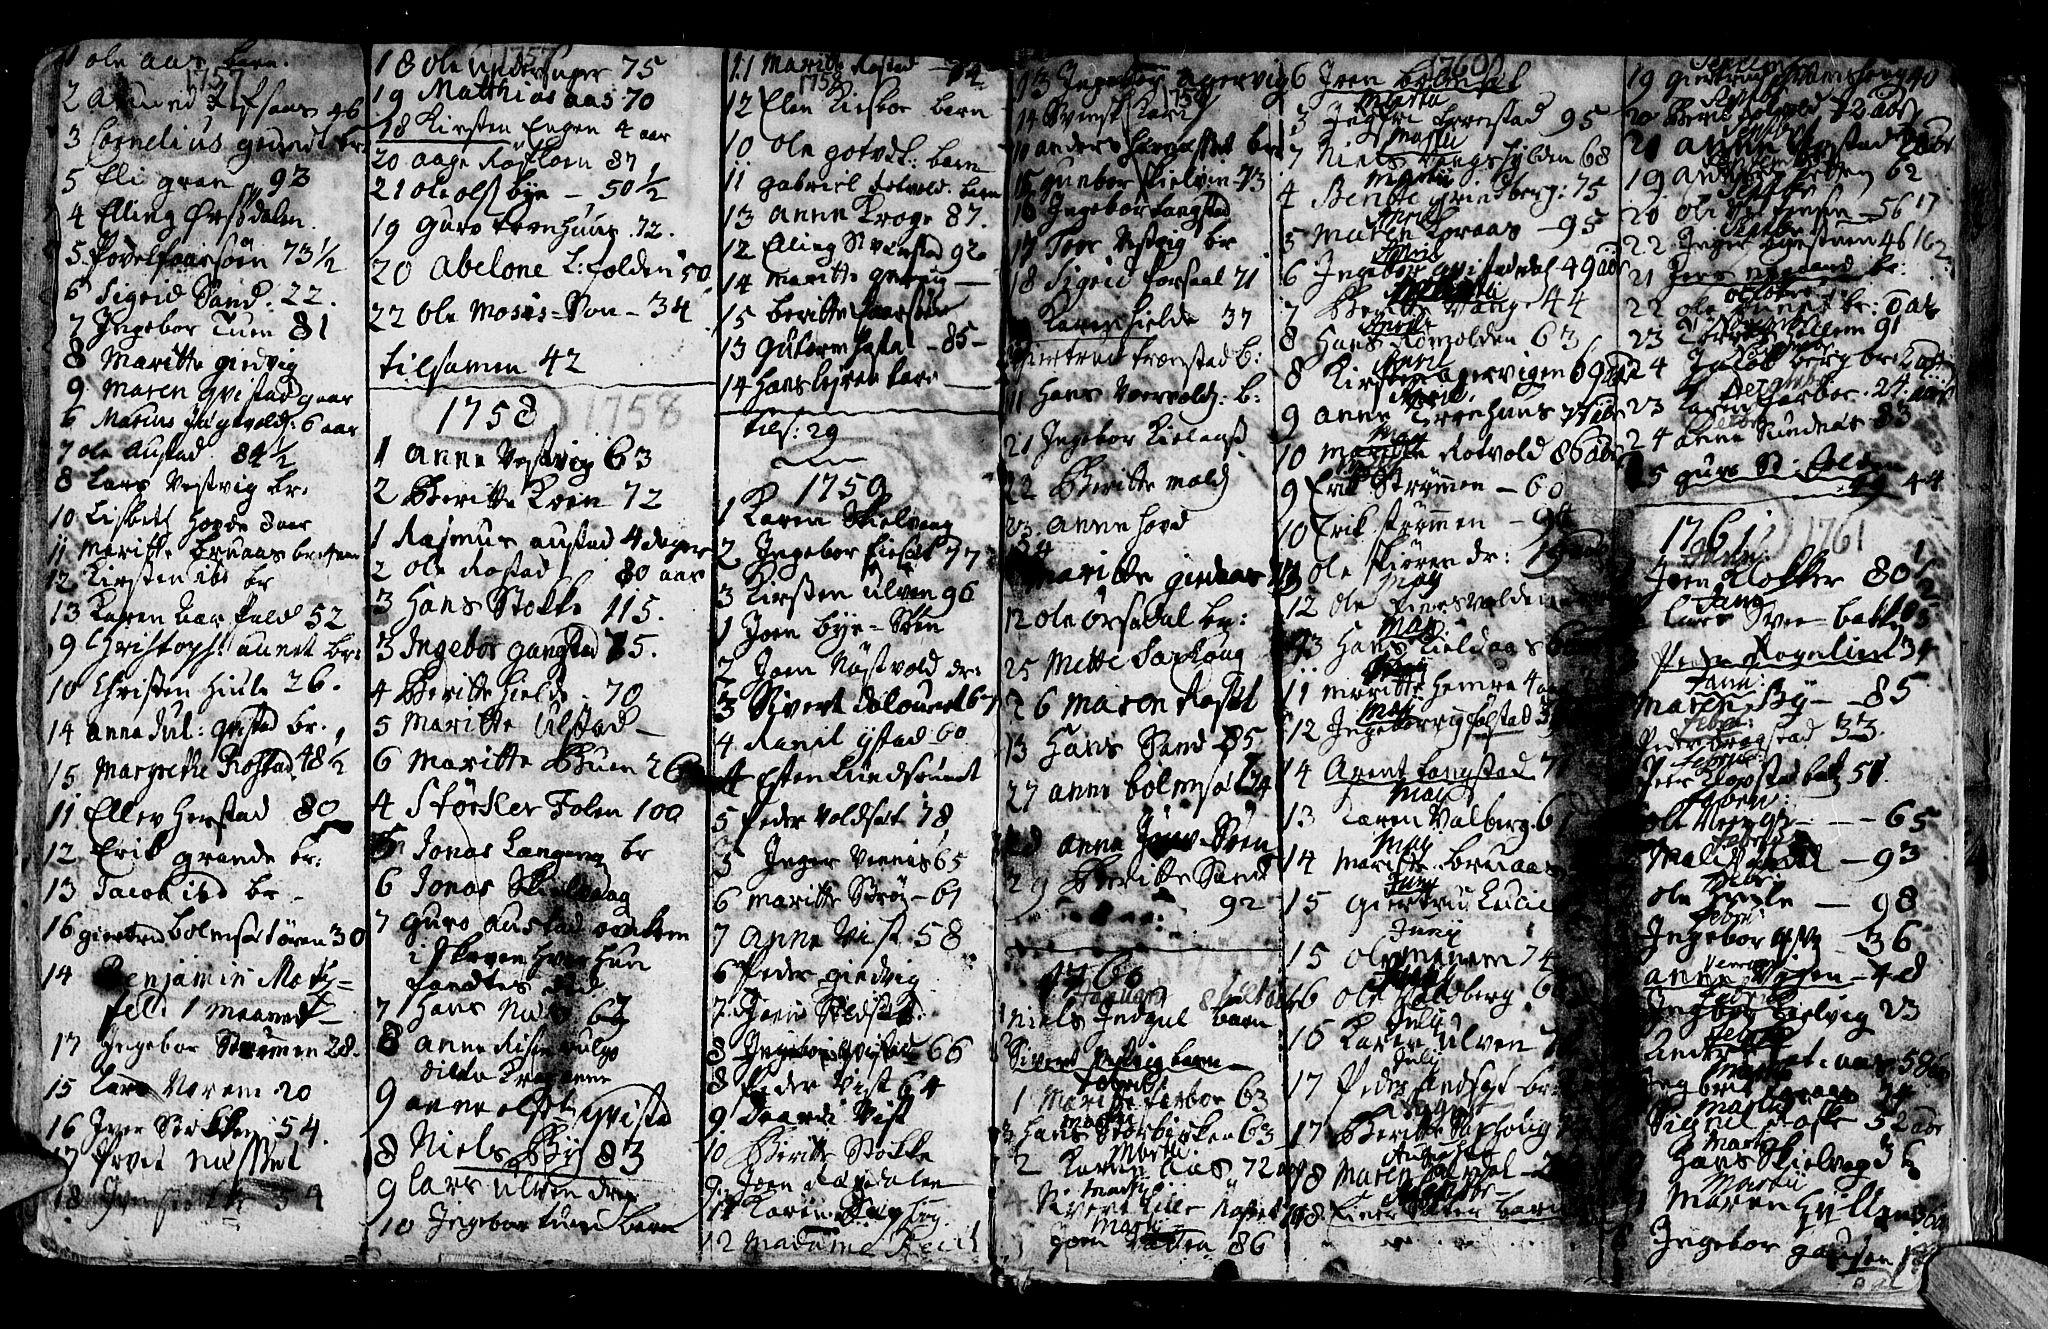 SAT, Ministerialprotokoller, klokkerbøker og fødselsregistre - Nord-Trøndelag, 730/L0272: Ministerialbok nr. 730A01, 1733-1764, s. 162